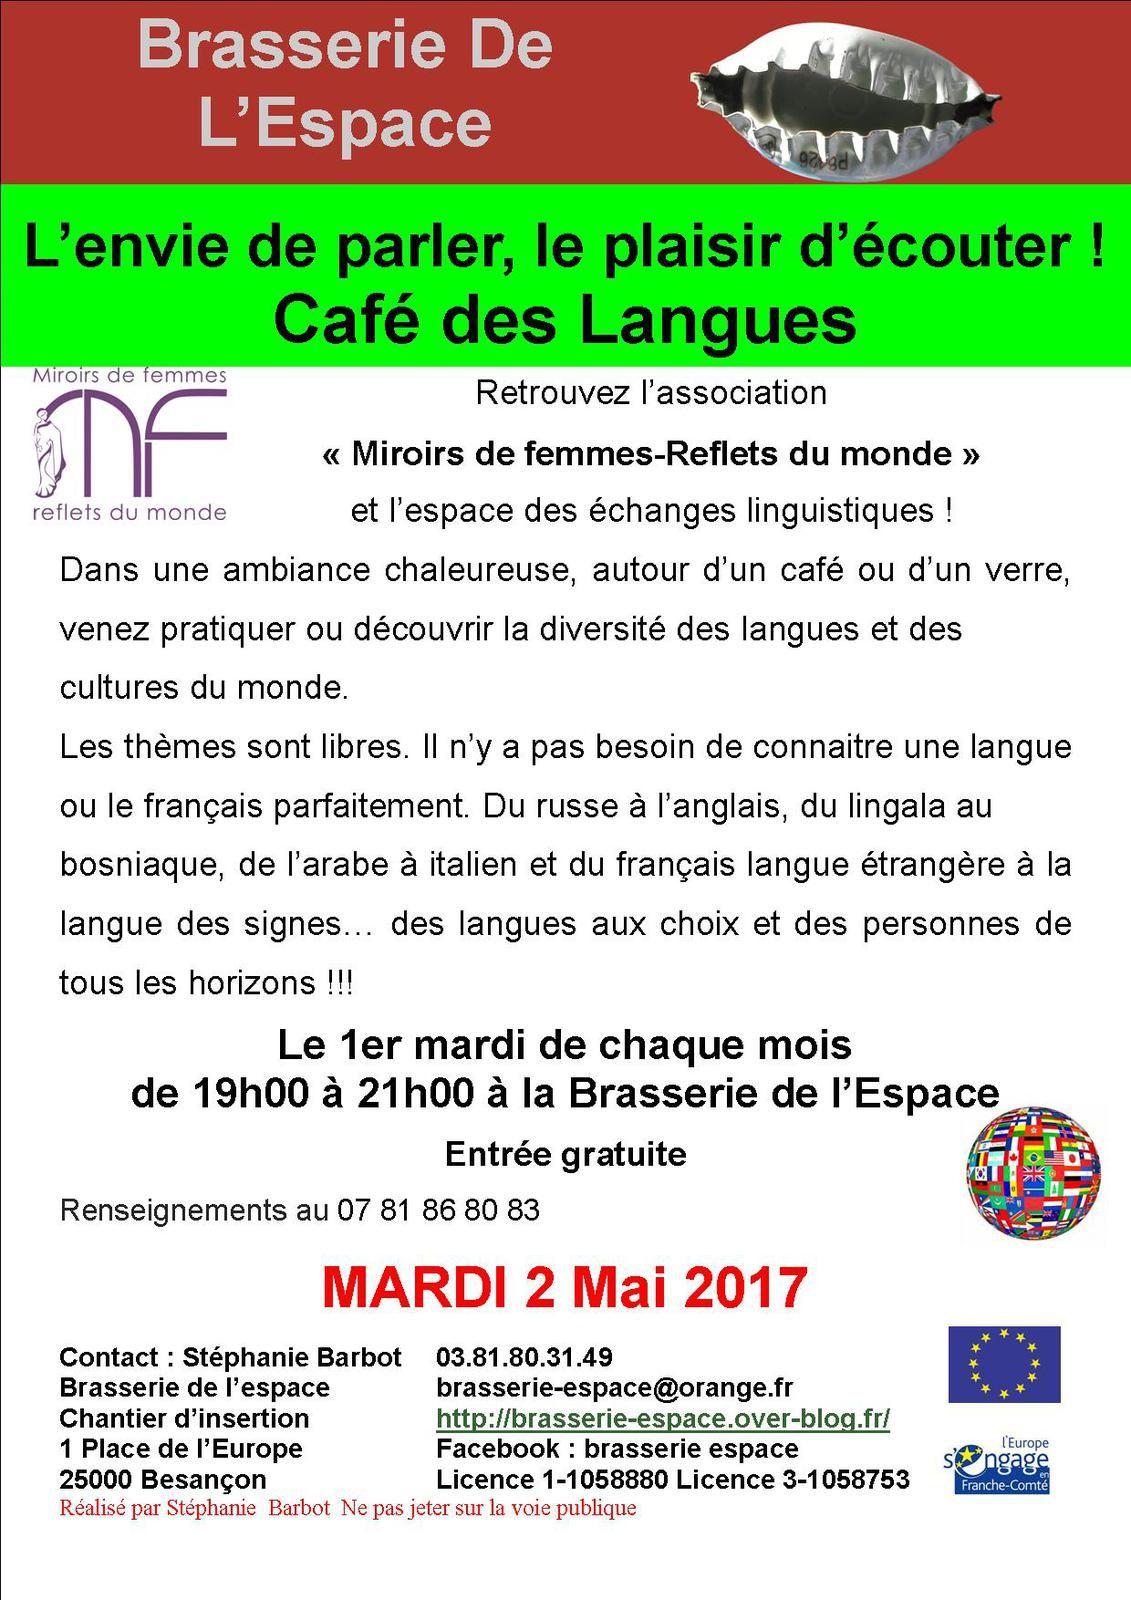 Café des langues de 19h00 à 21h00 mardi 2 mai 2017